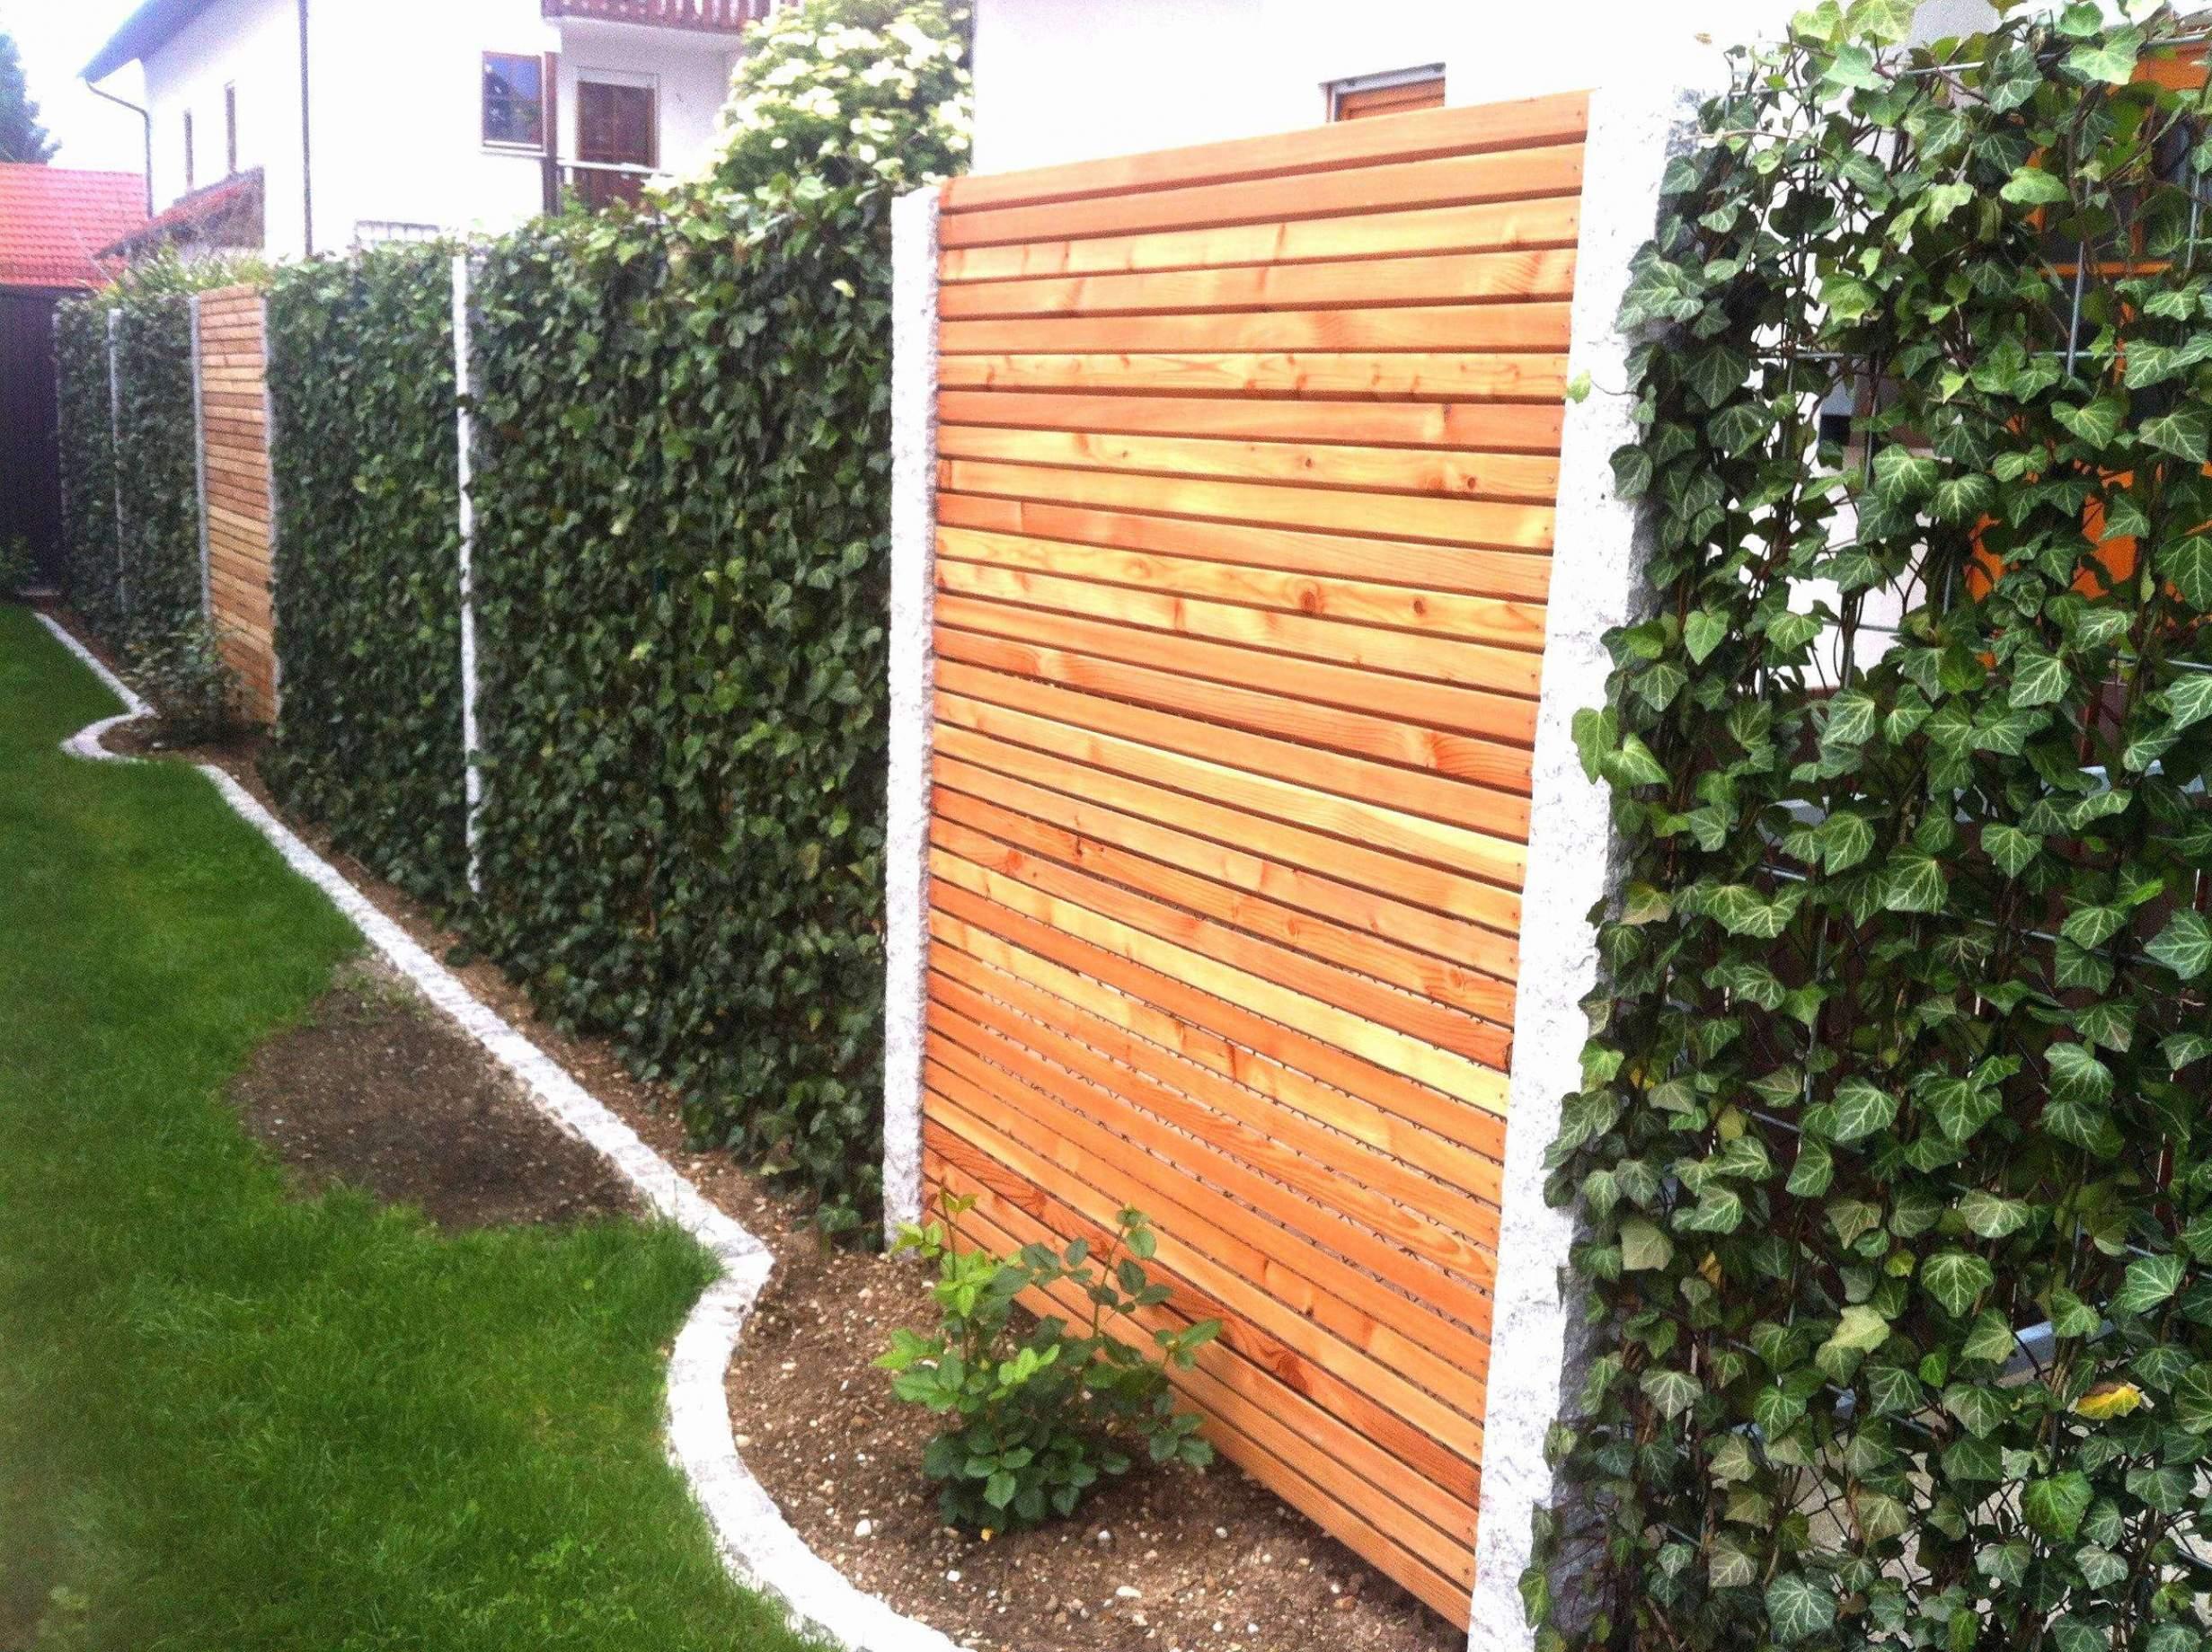 Schöne Gärten Anlegen Elegant 25 Reizend Gartengestaltung Für Kleine Gärten Genial